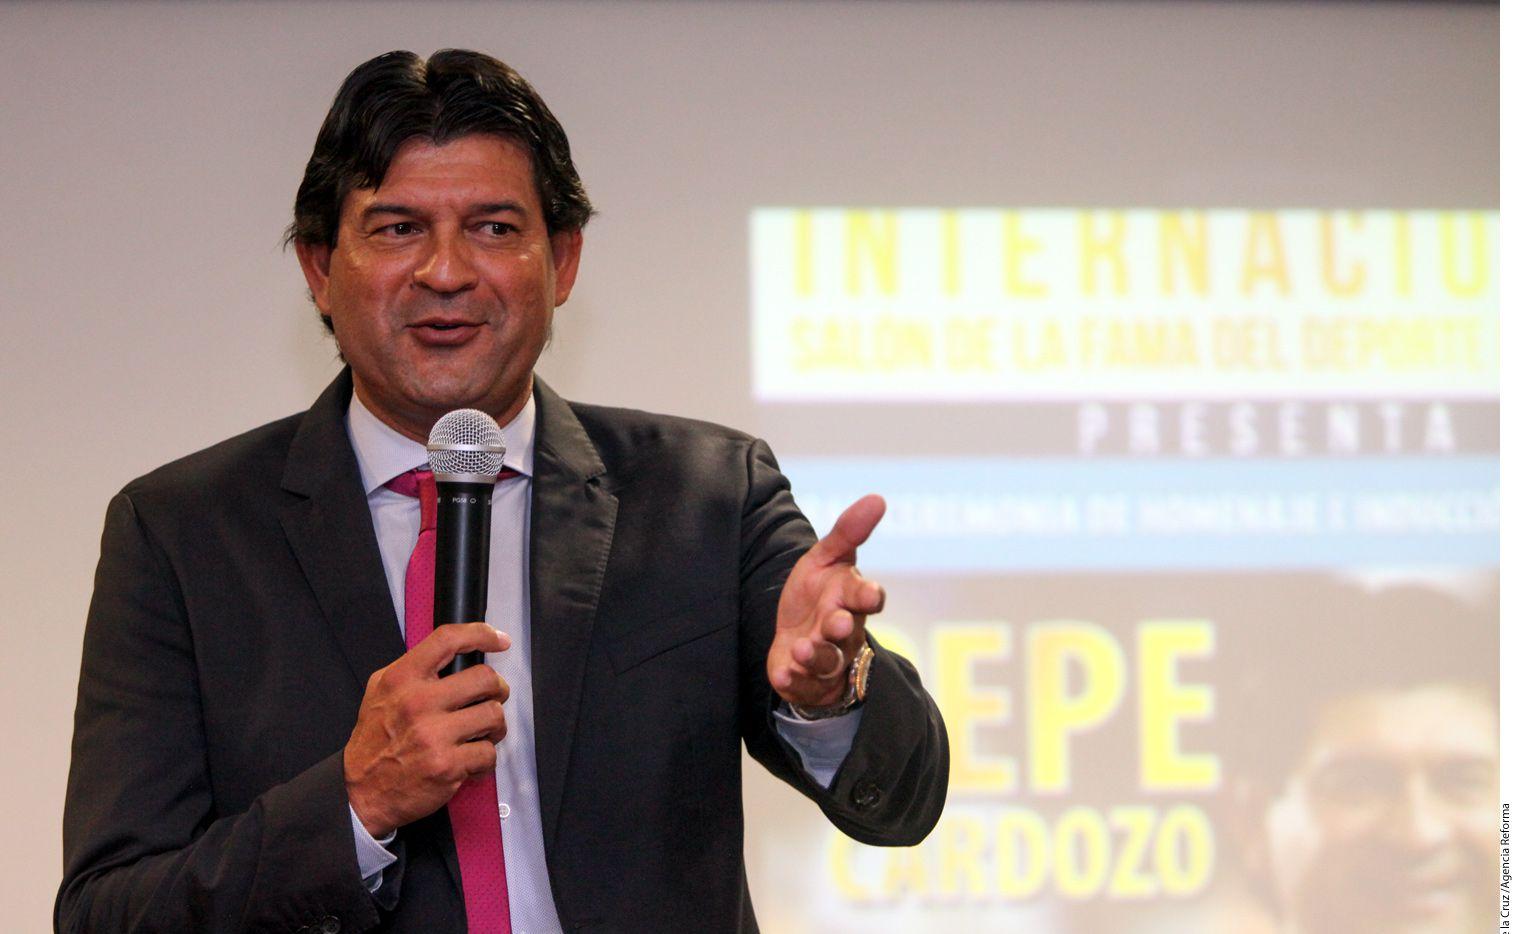 José Saturnino Cardozo reveló que ya tuvo ofertas para entrenar equipos de Sudamérica, aunque esperará lo que resta de este torneo y el inicio del próximo para buscar acomodo en la Liga MX./AGENCIA REFORMA